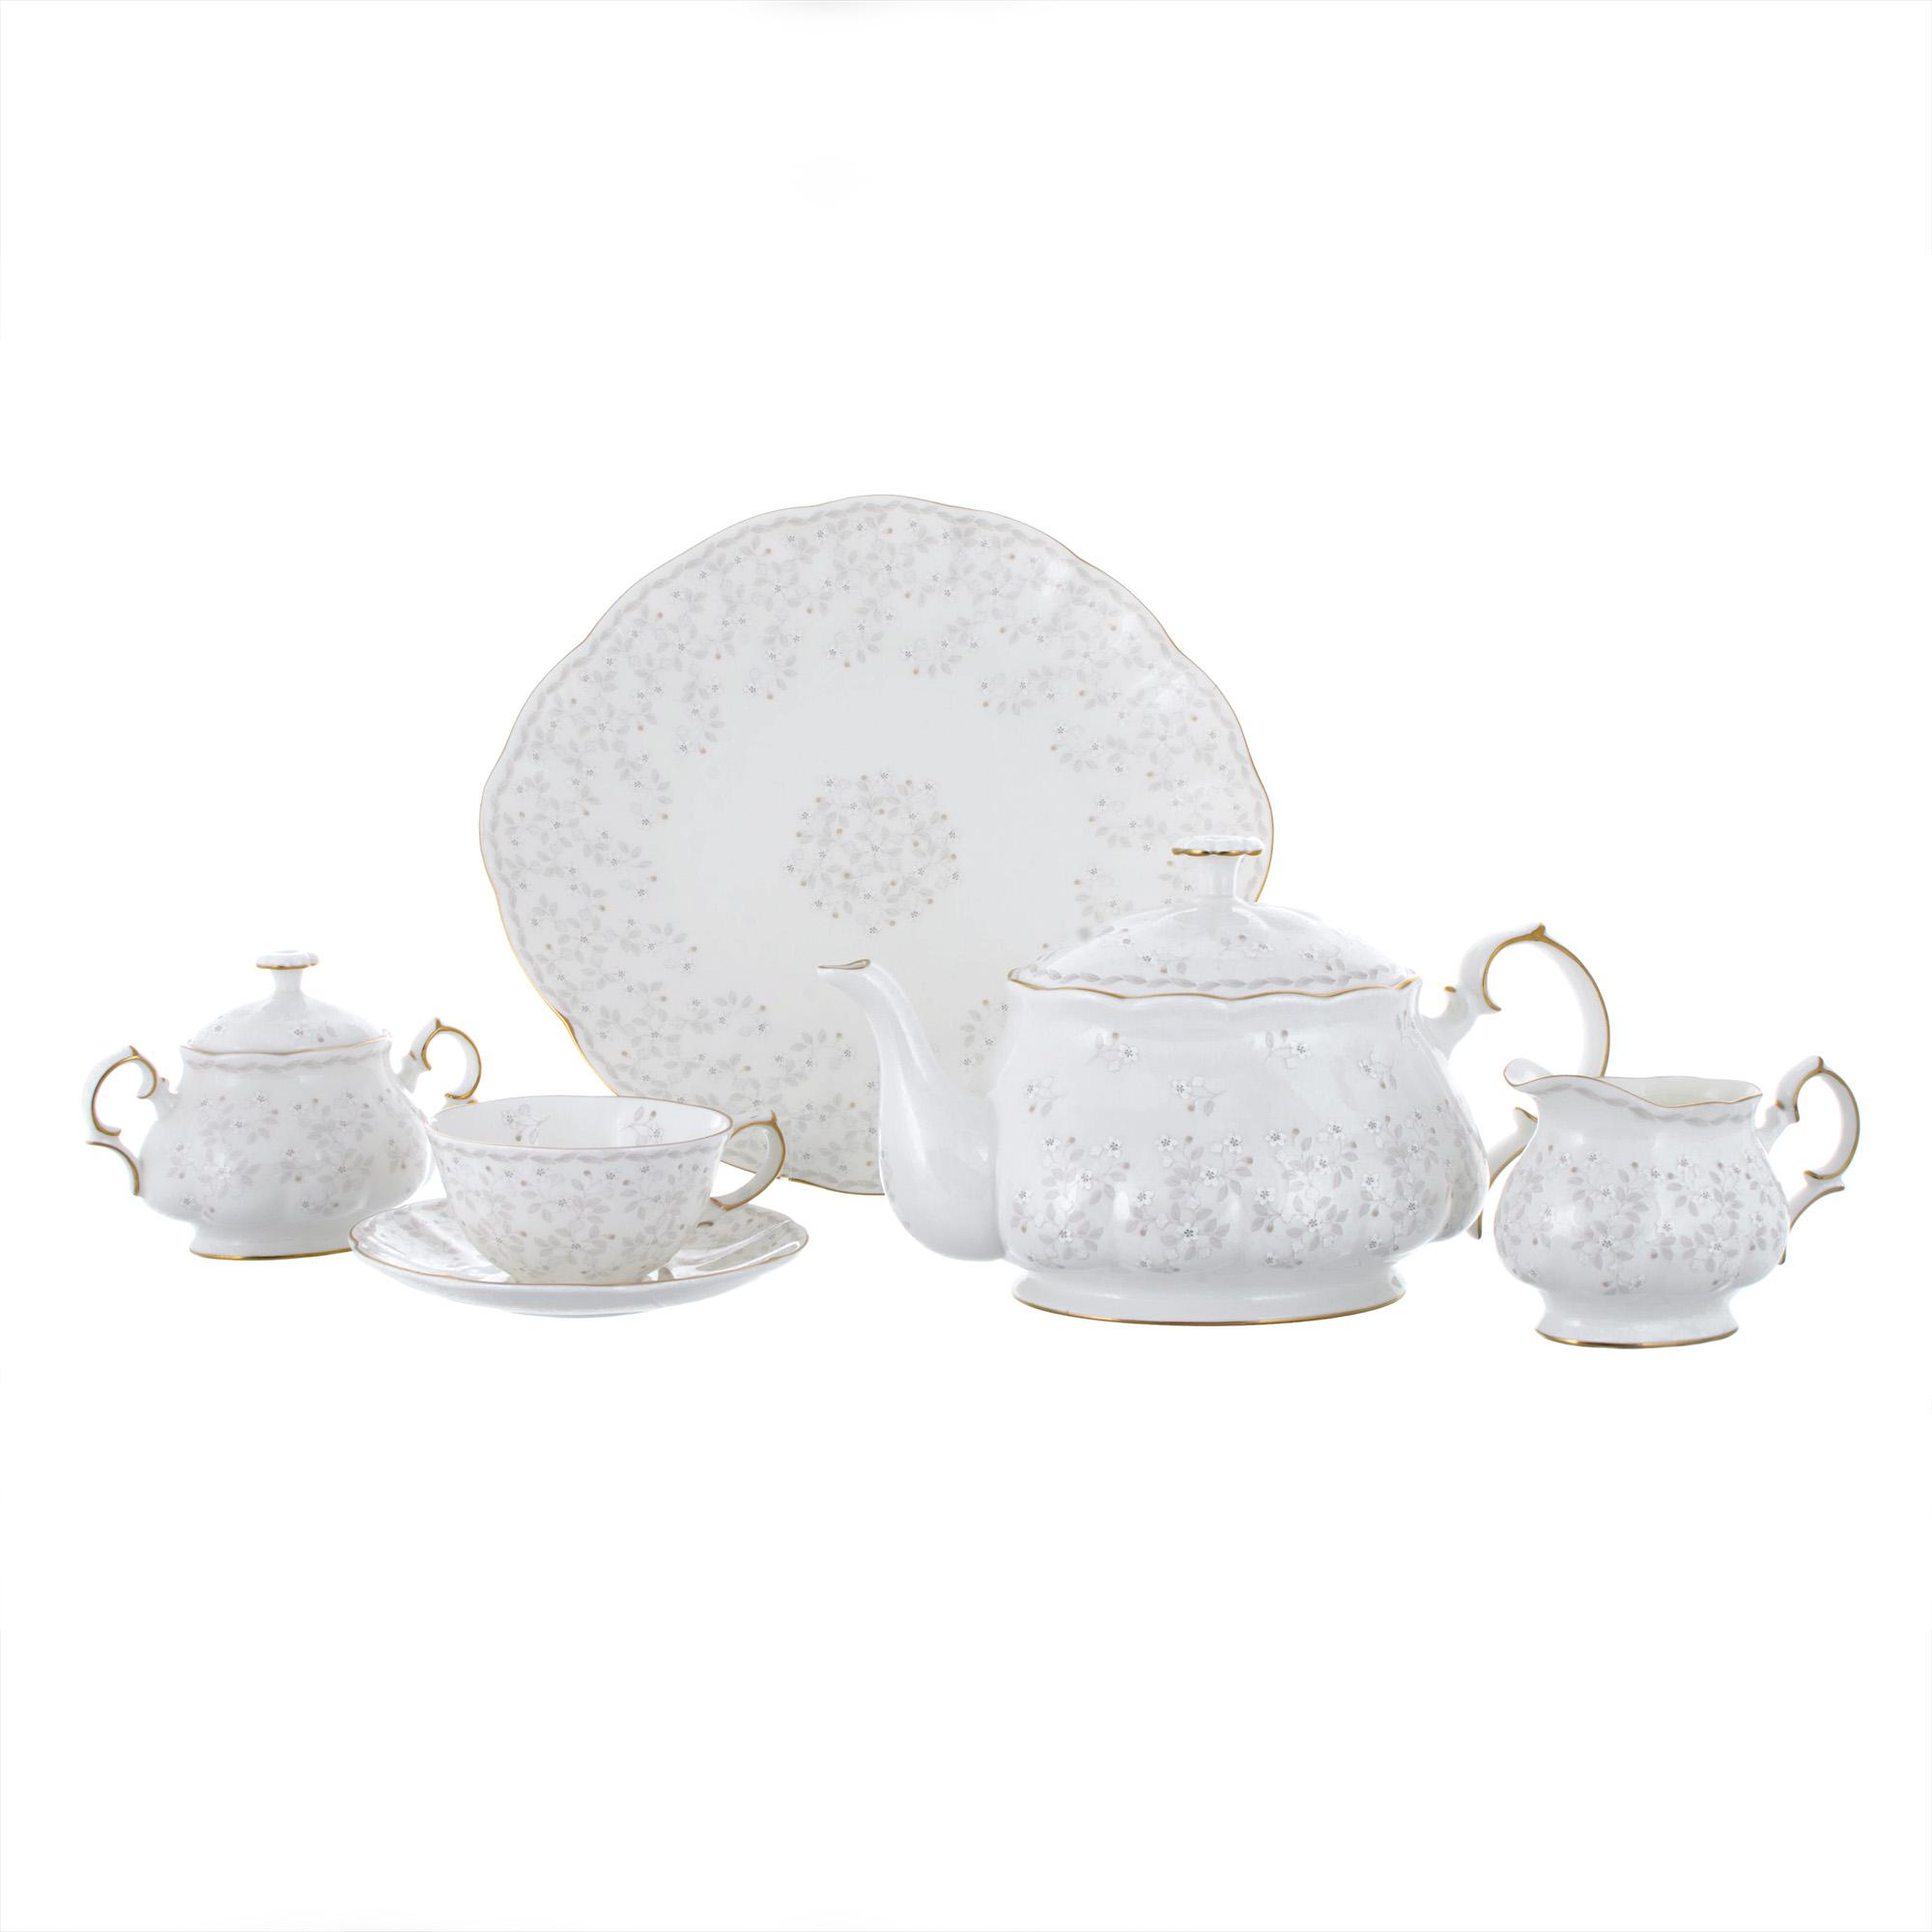 Сервиз чайный Hatori Империал Джулия Беж 18 предметов